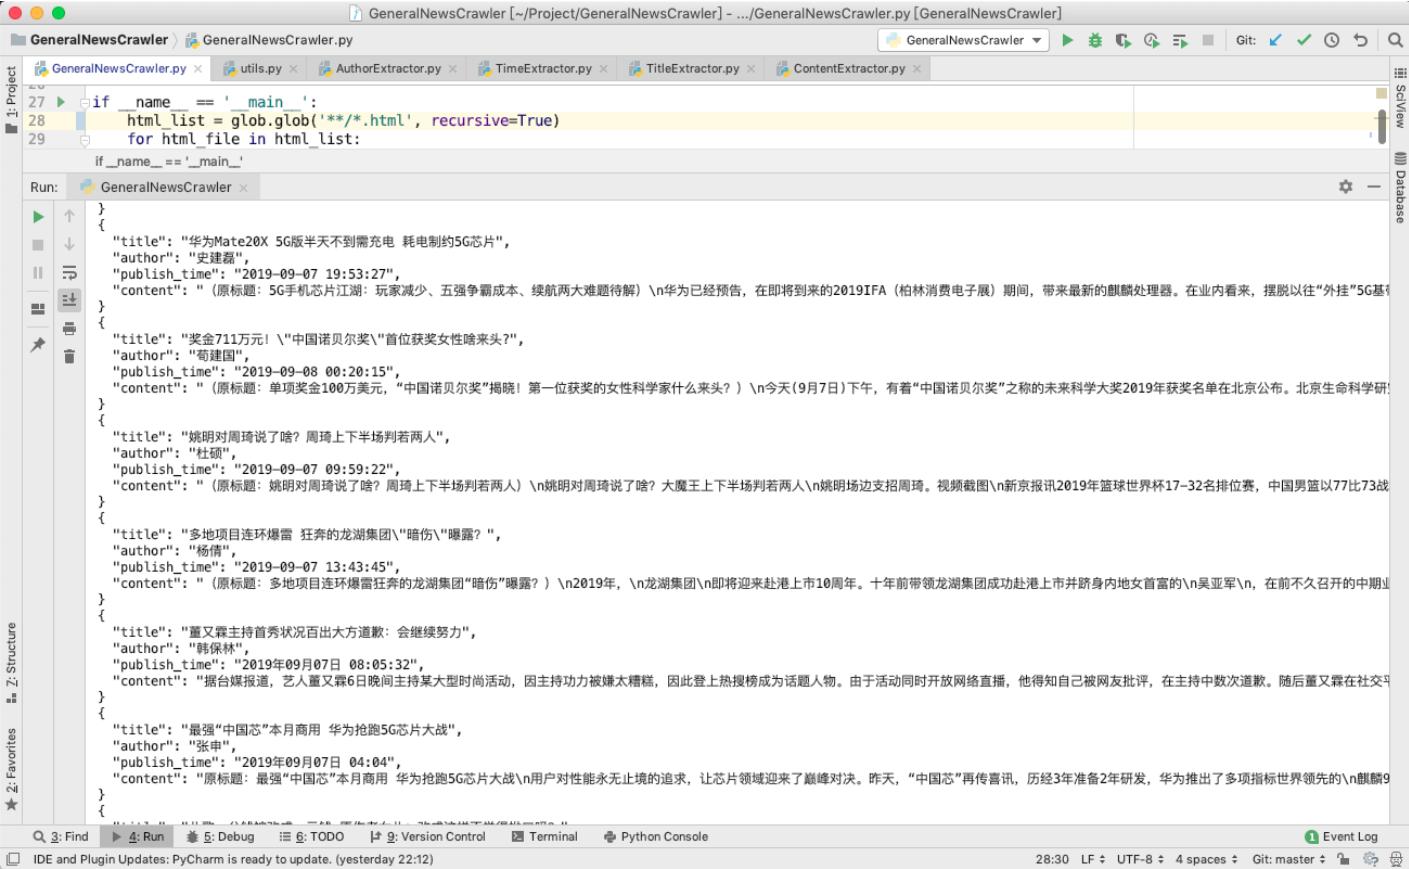 新闻网页正文通用抽取器 GNE